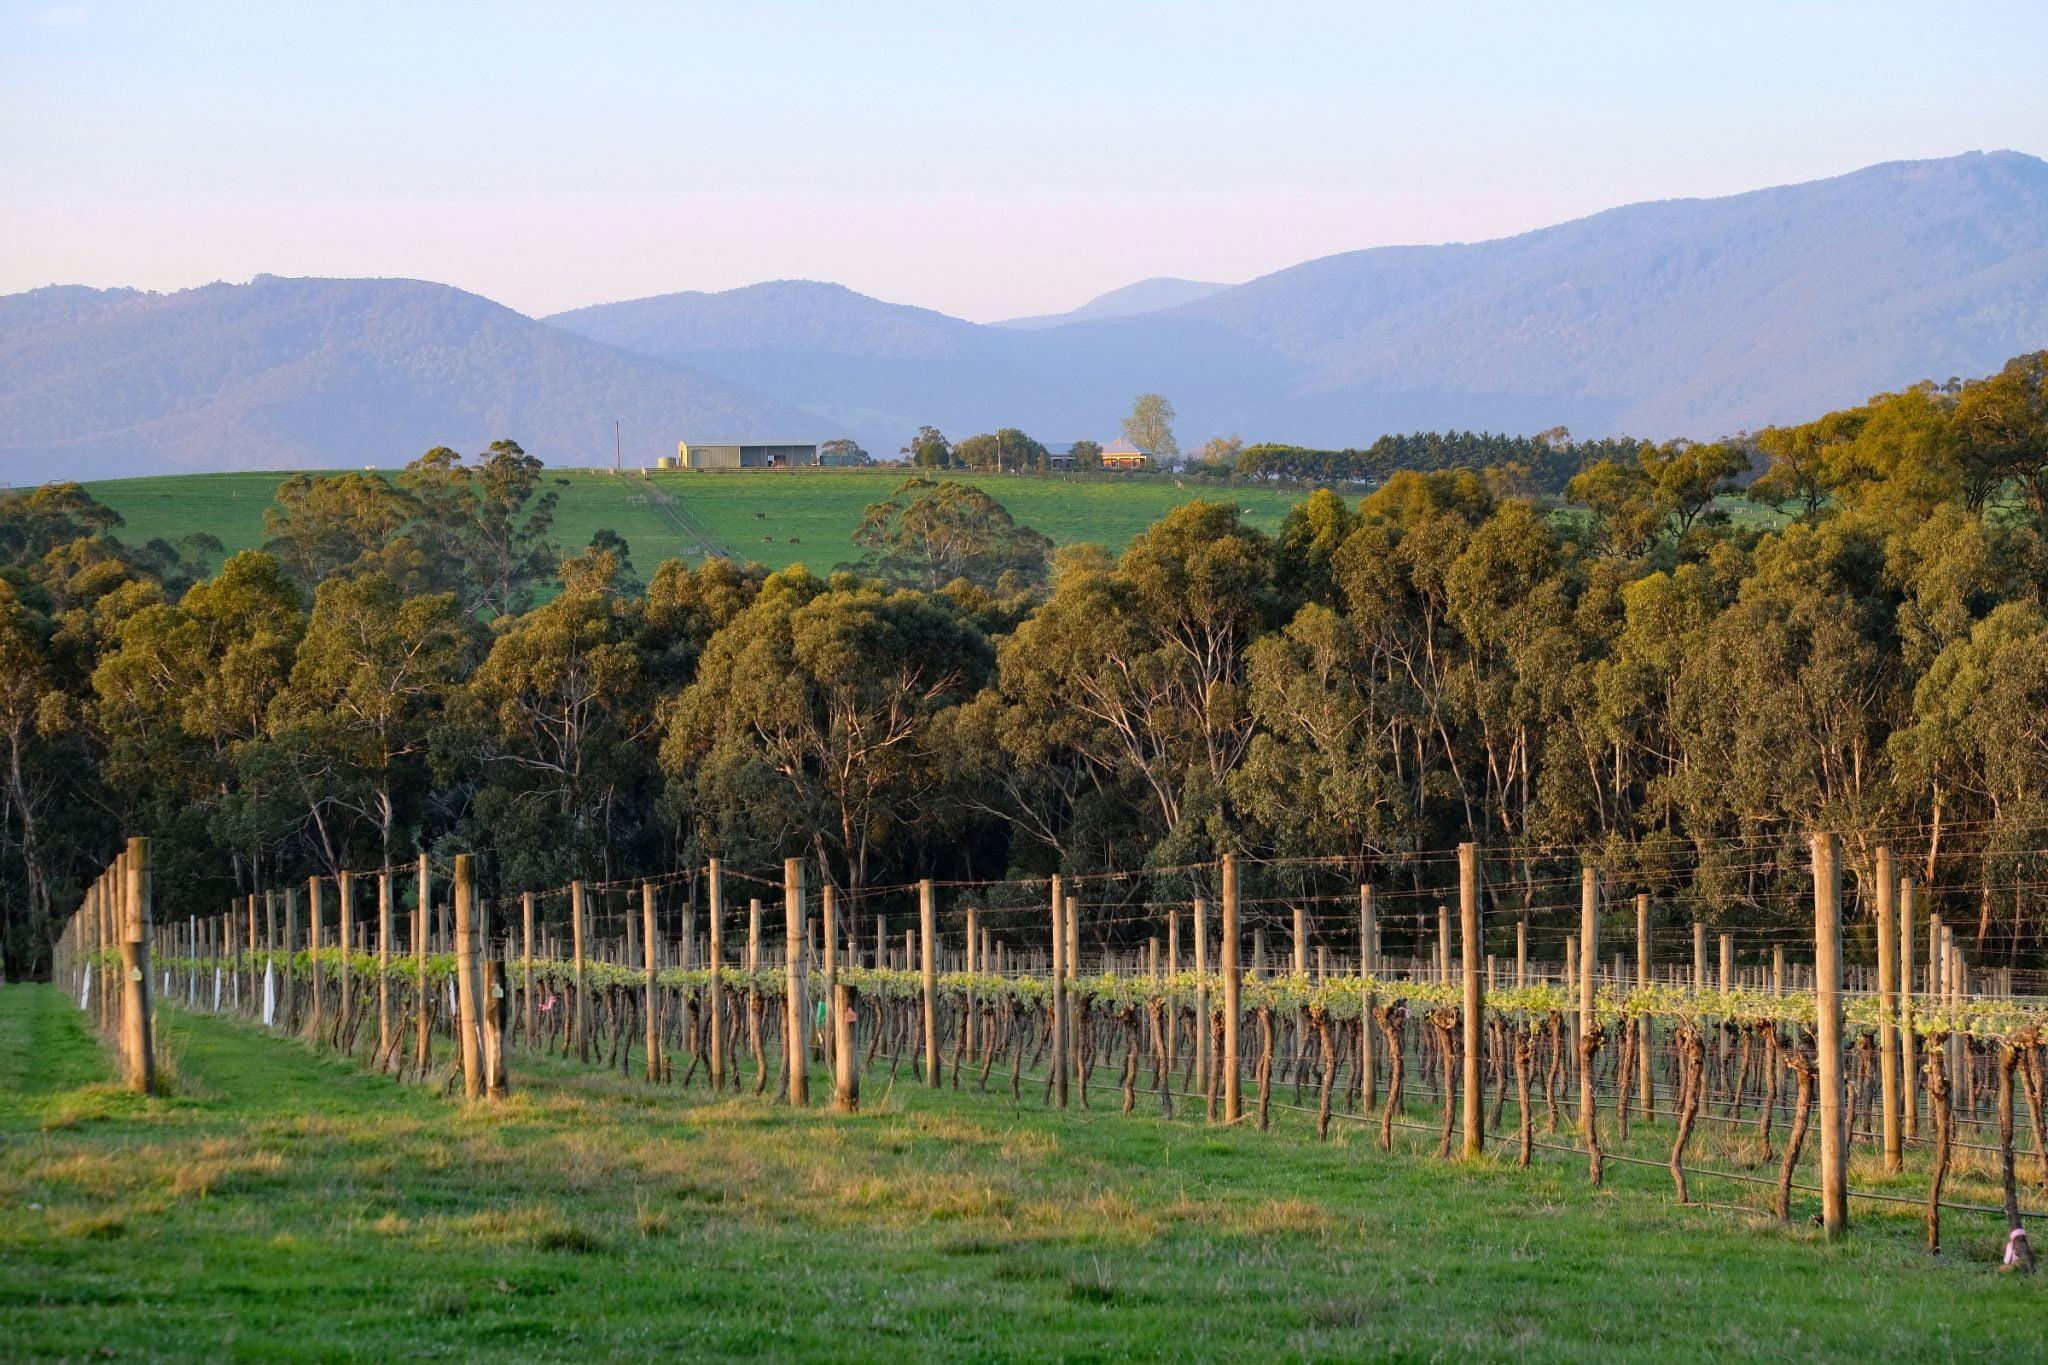 Vineyard rows